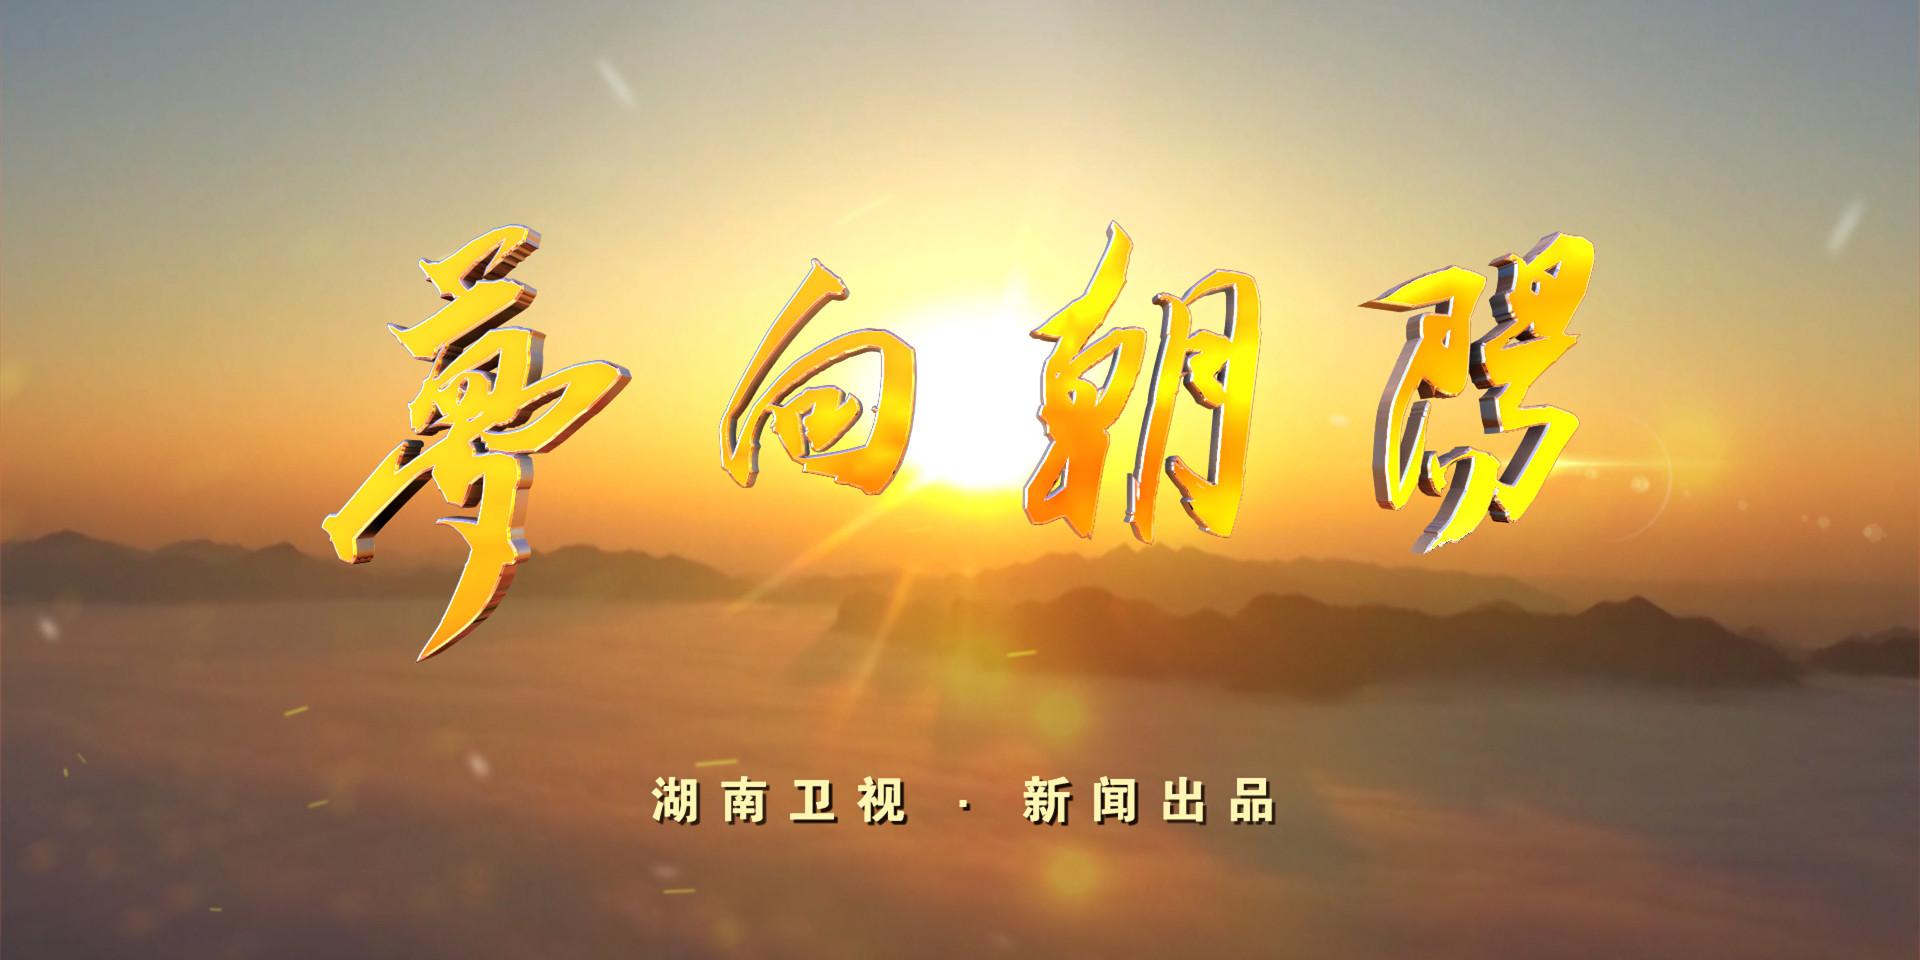 《梦向朝阳》宣传片